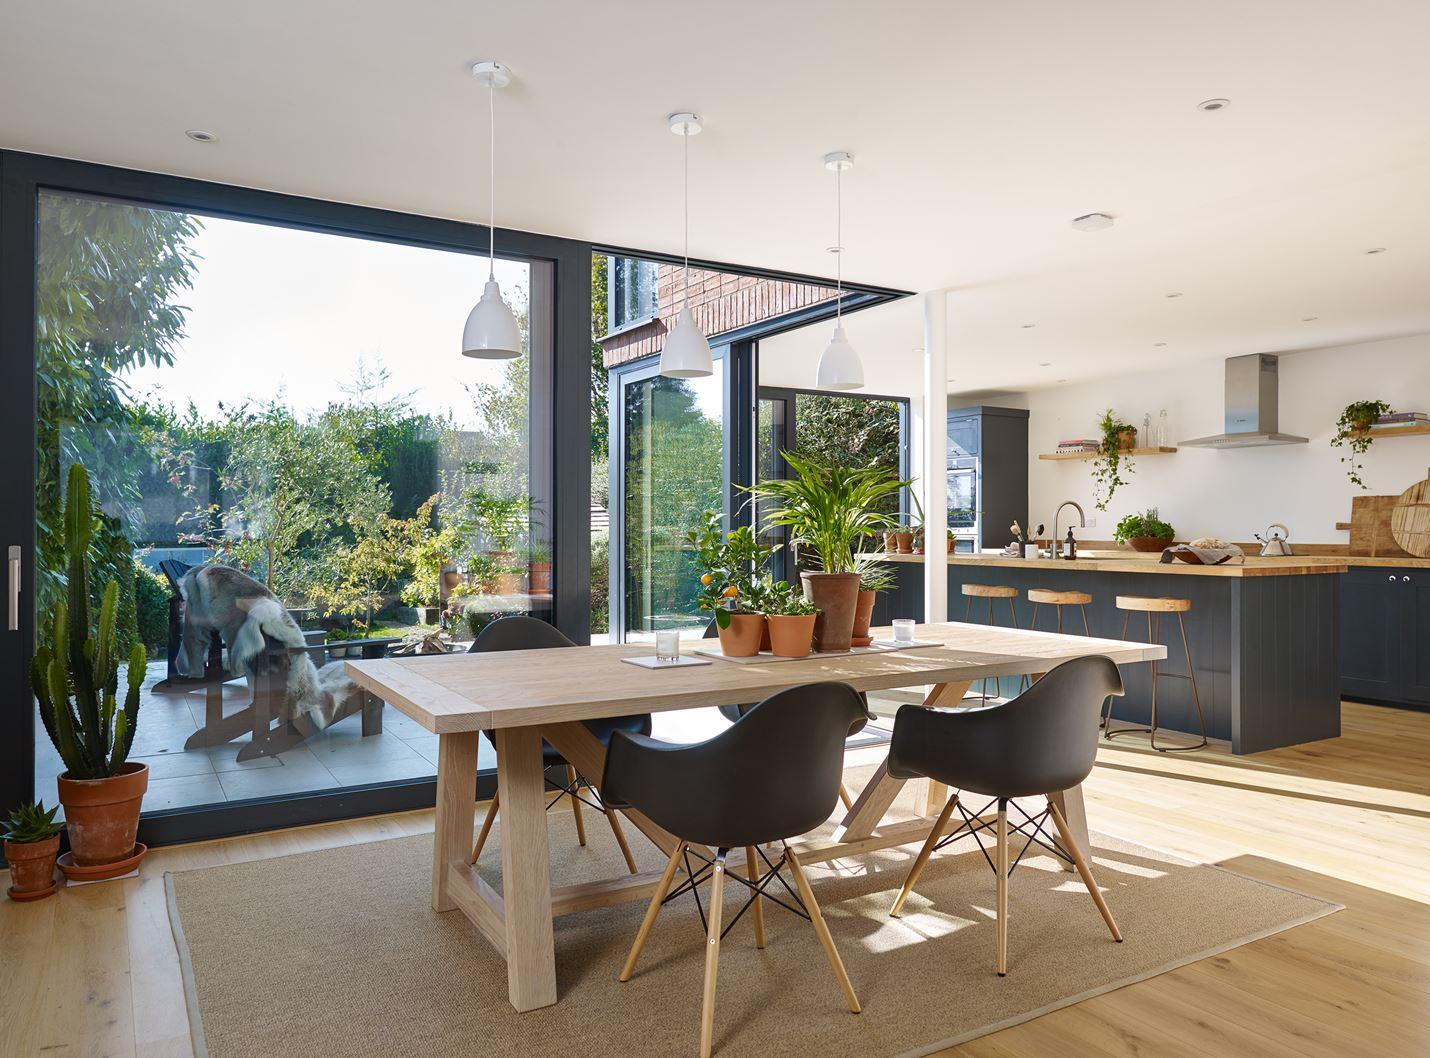 Cucina e sala pranzo - Stanza da pranzo moderna ...